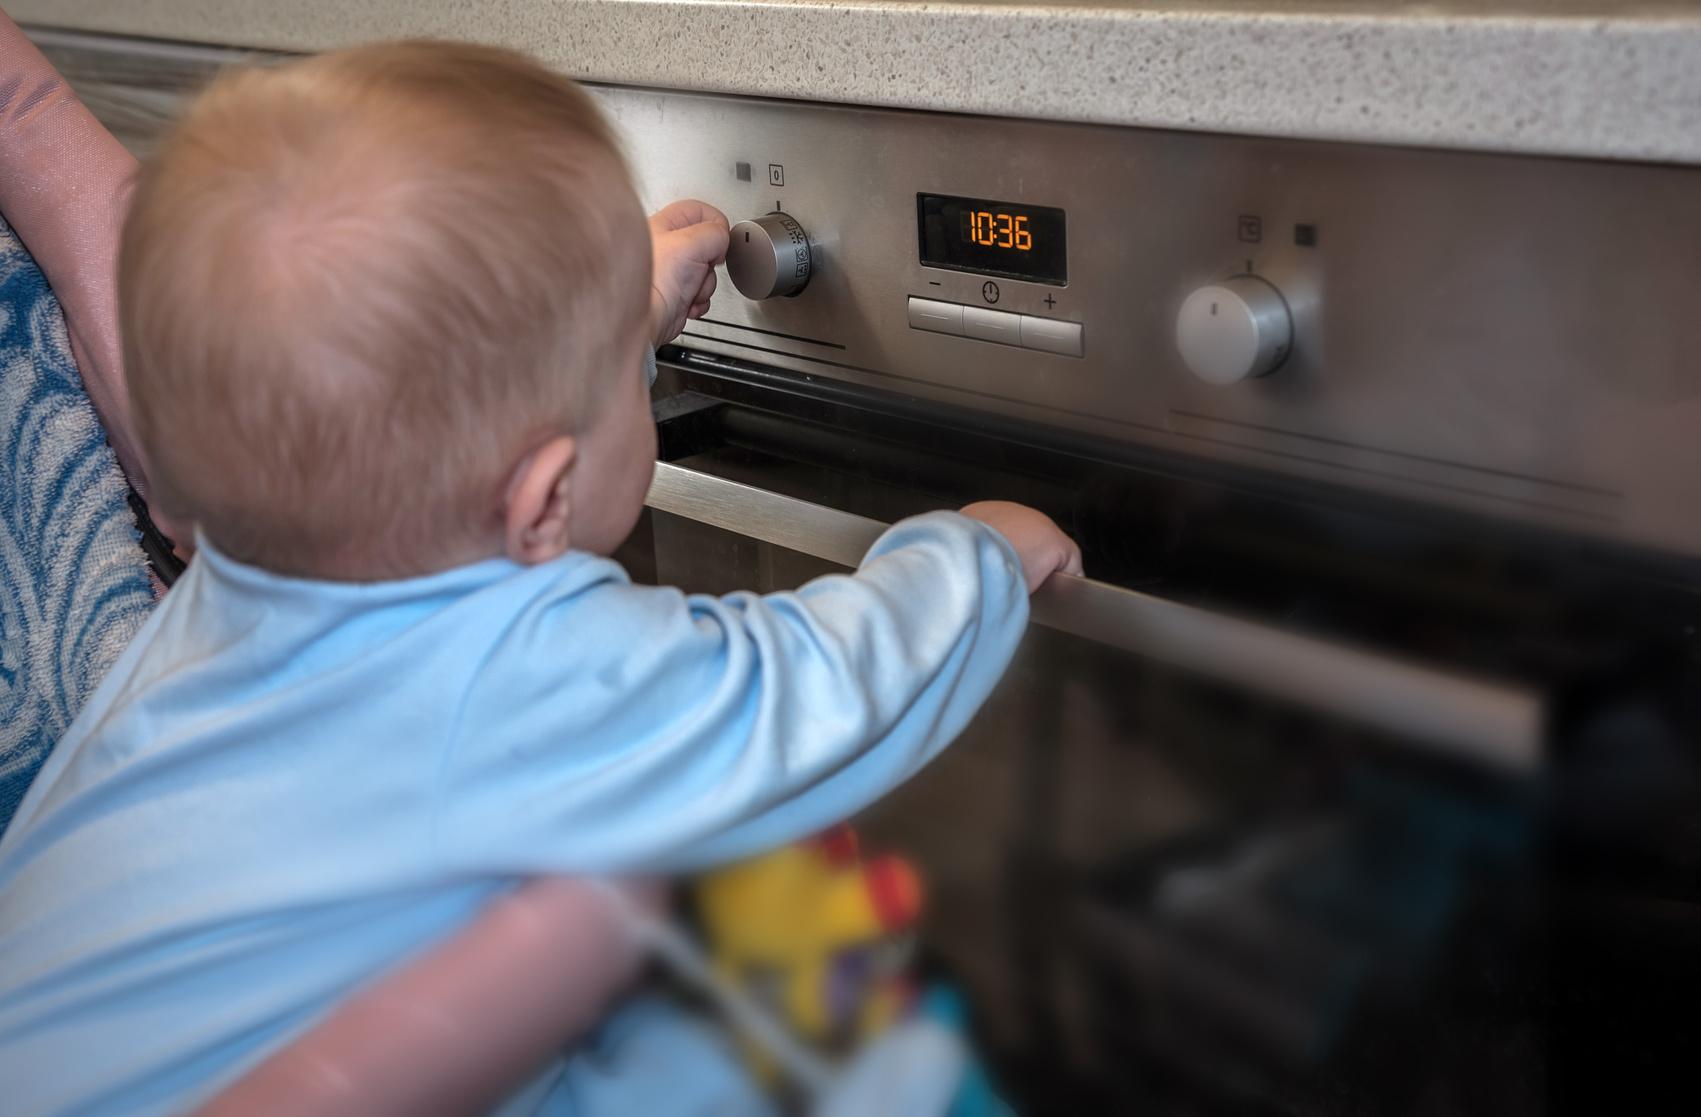 Lebensgefahr: Kleinkind (1) mit heißem Fett übergossen!